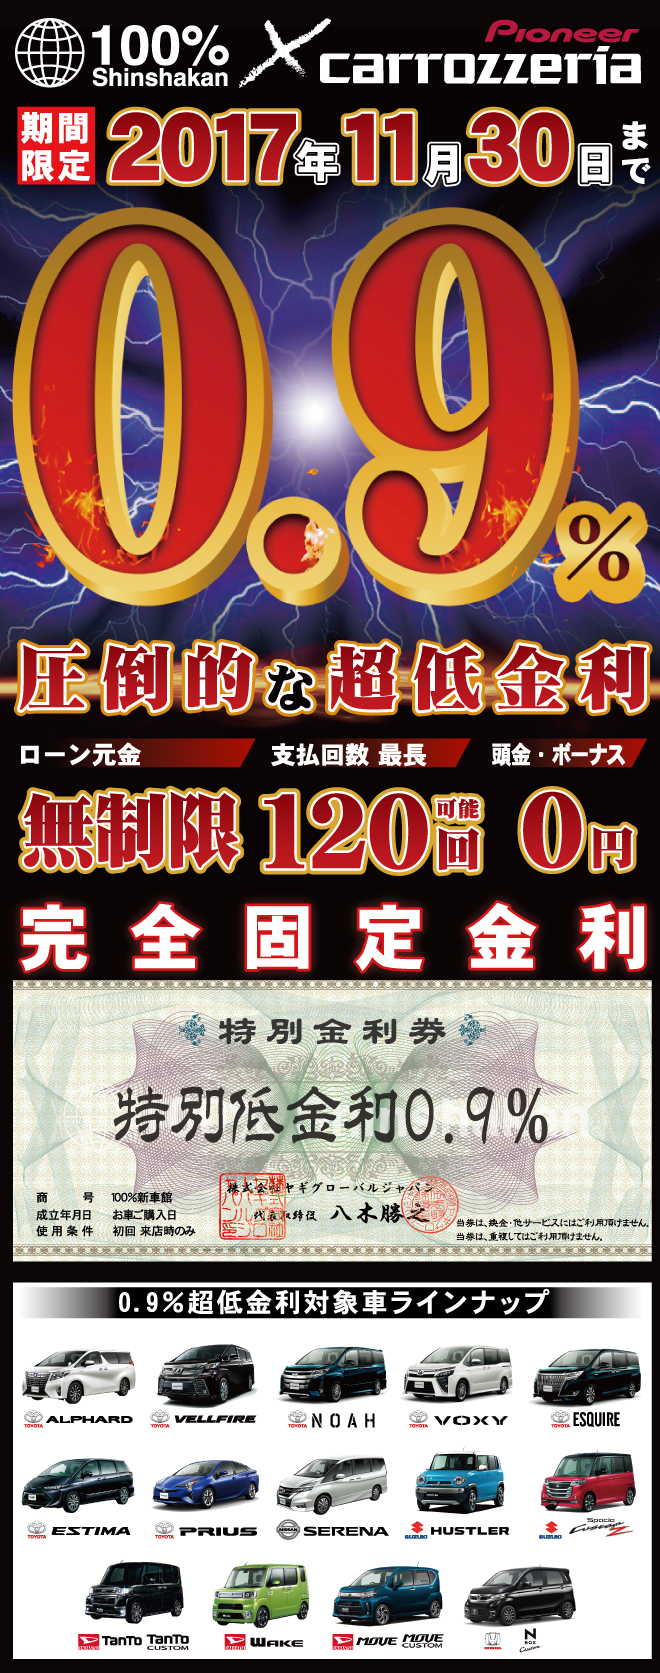 特別低金利0.9%権利券